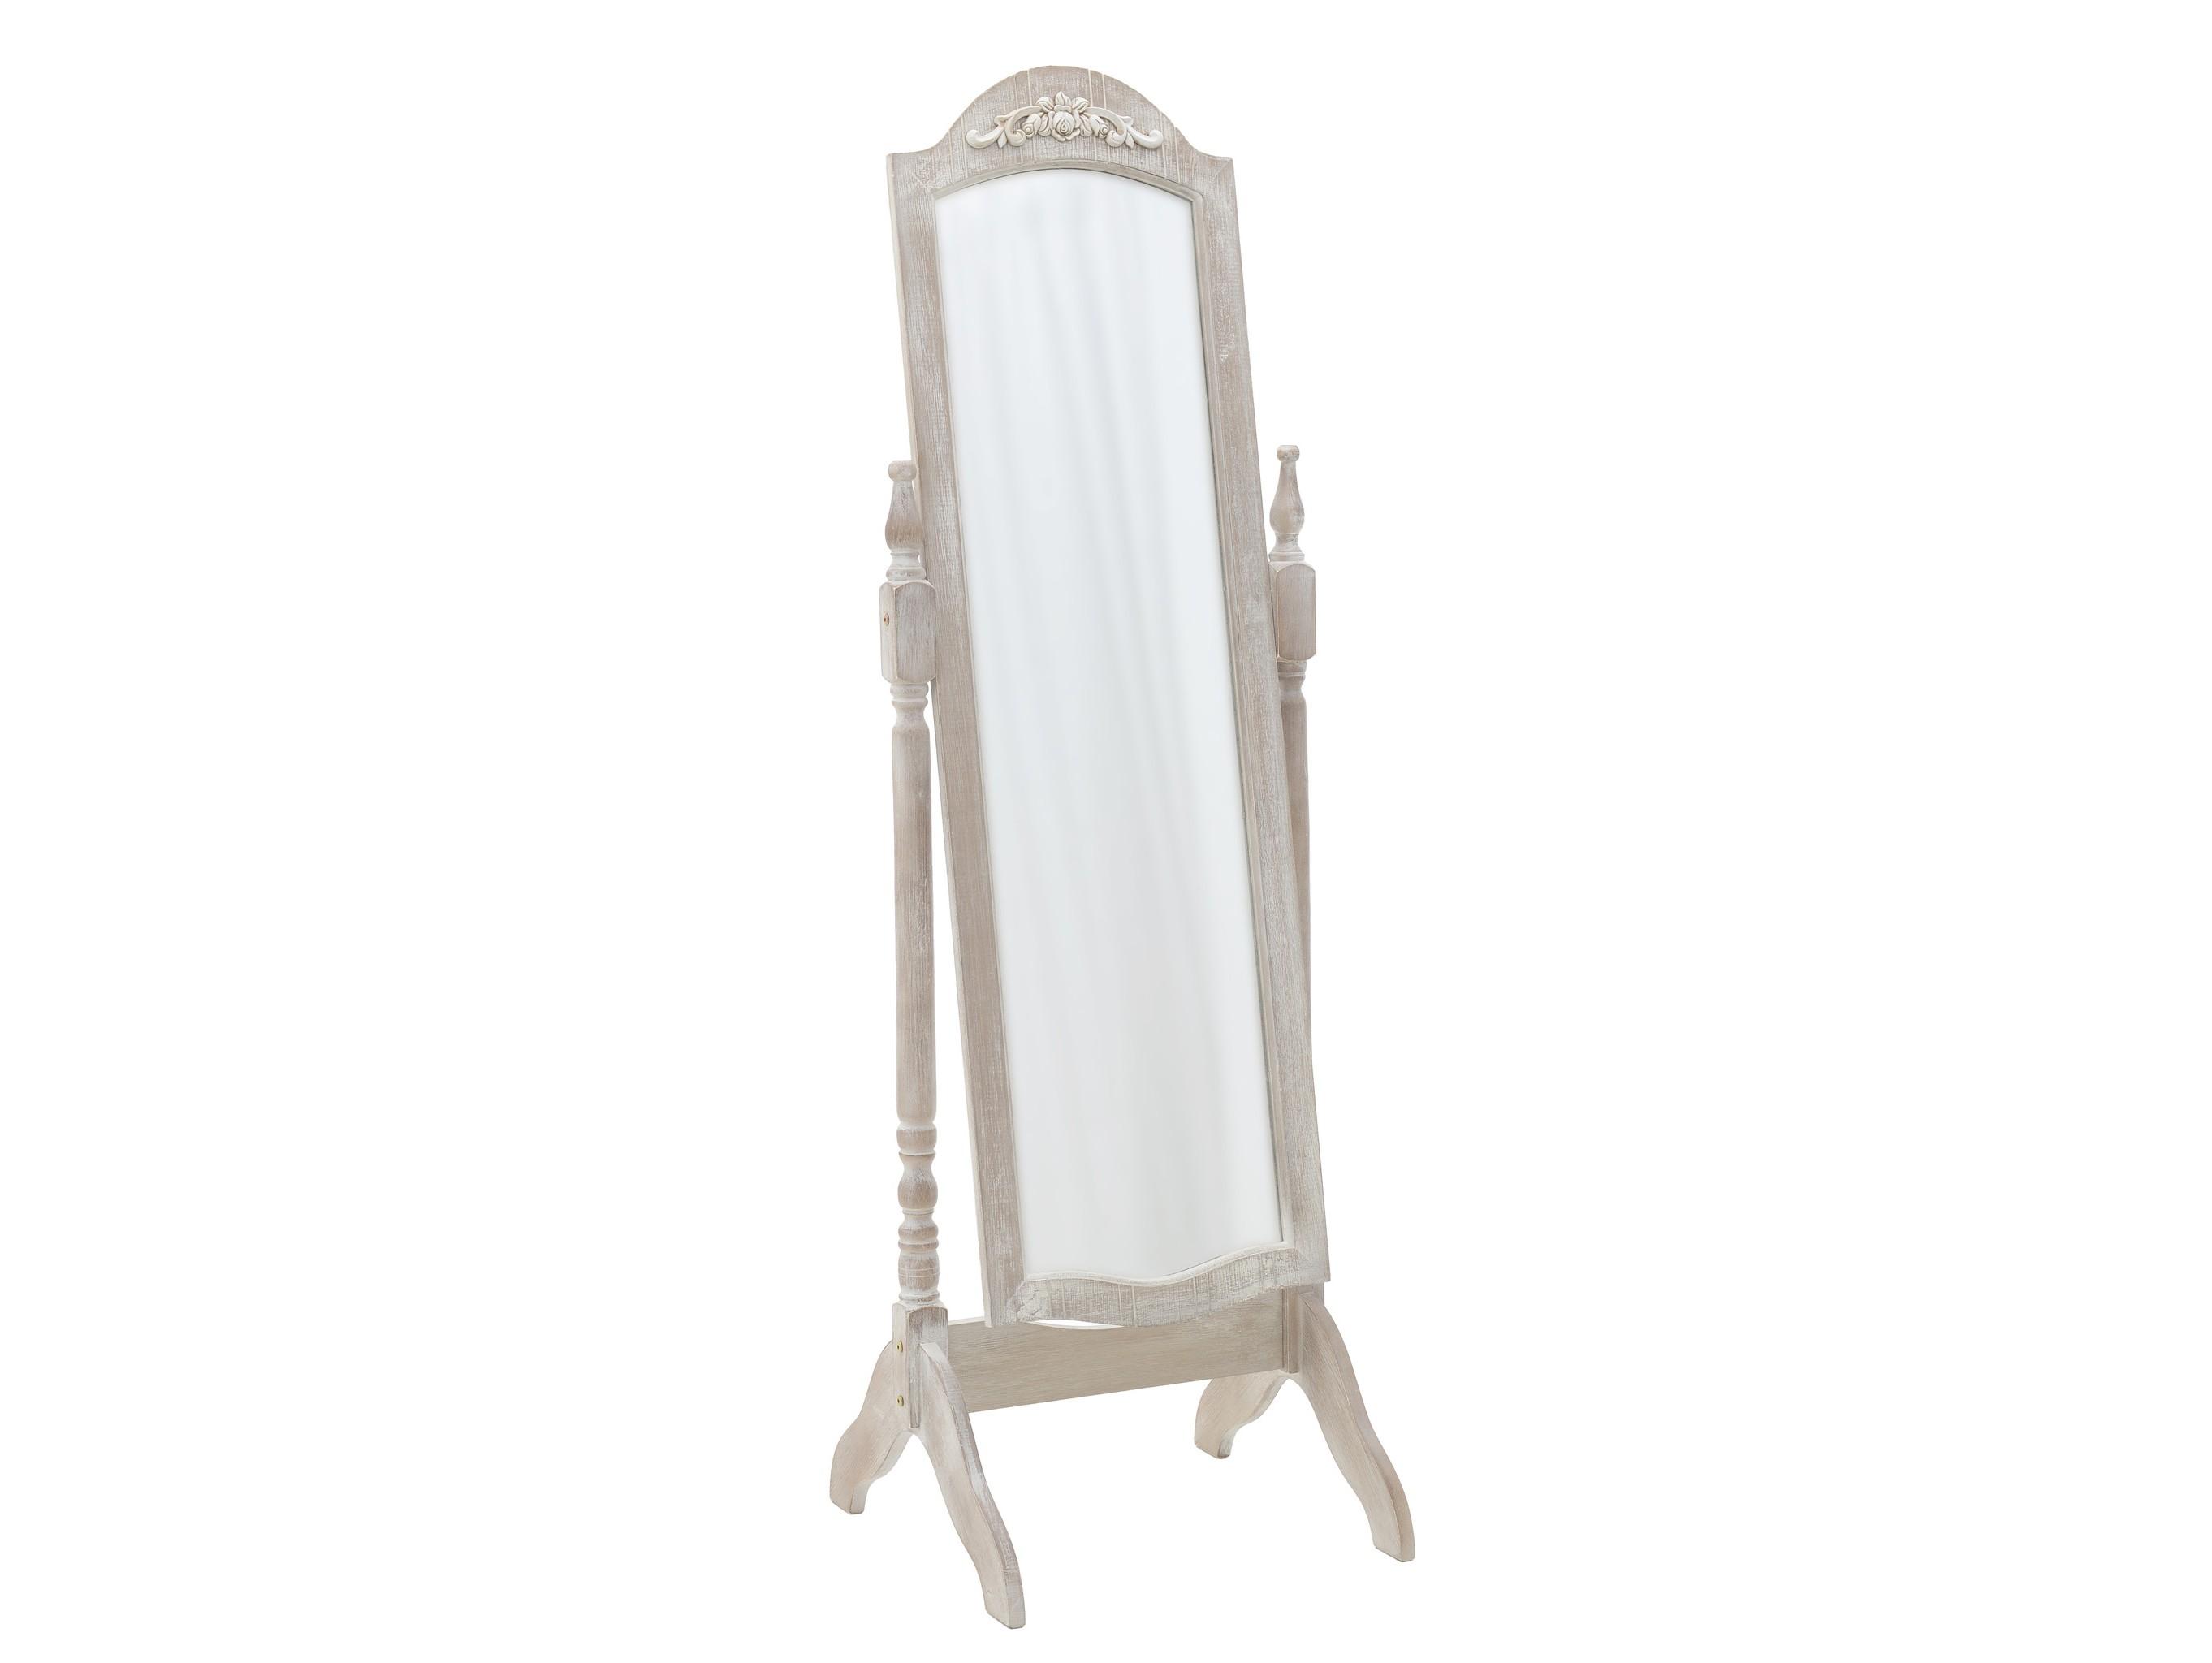 Купить Зеркало напольное Basileus , To4rooms